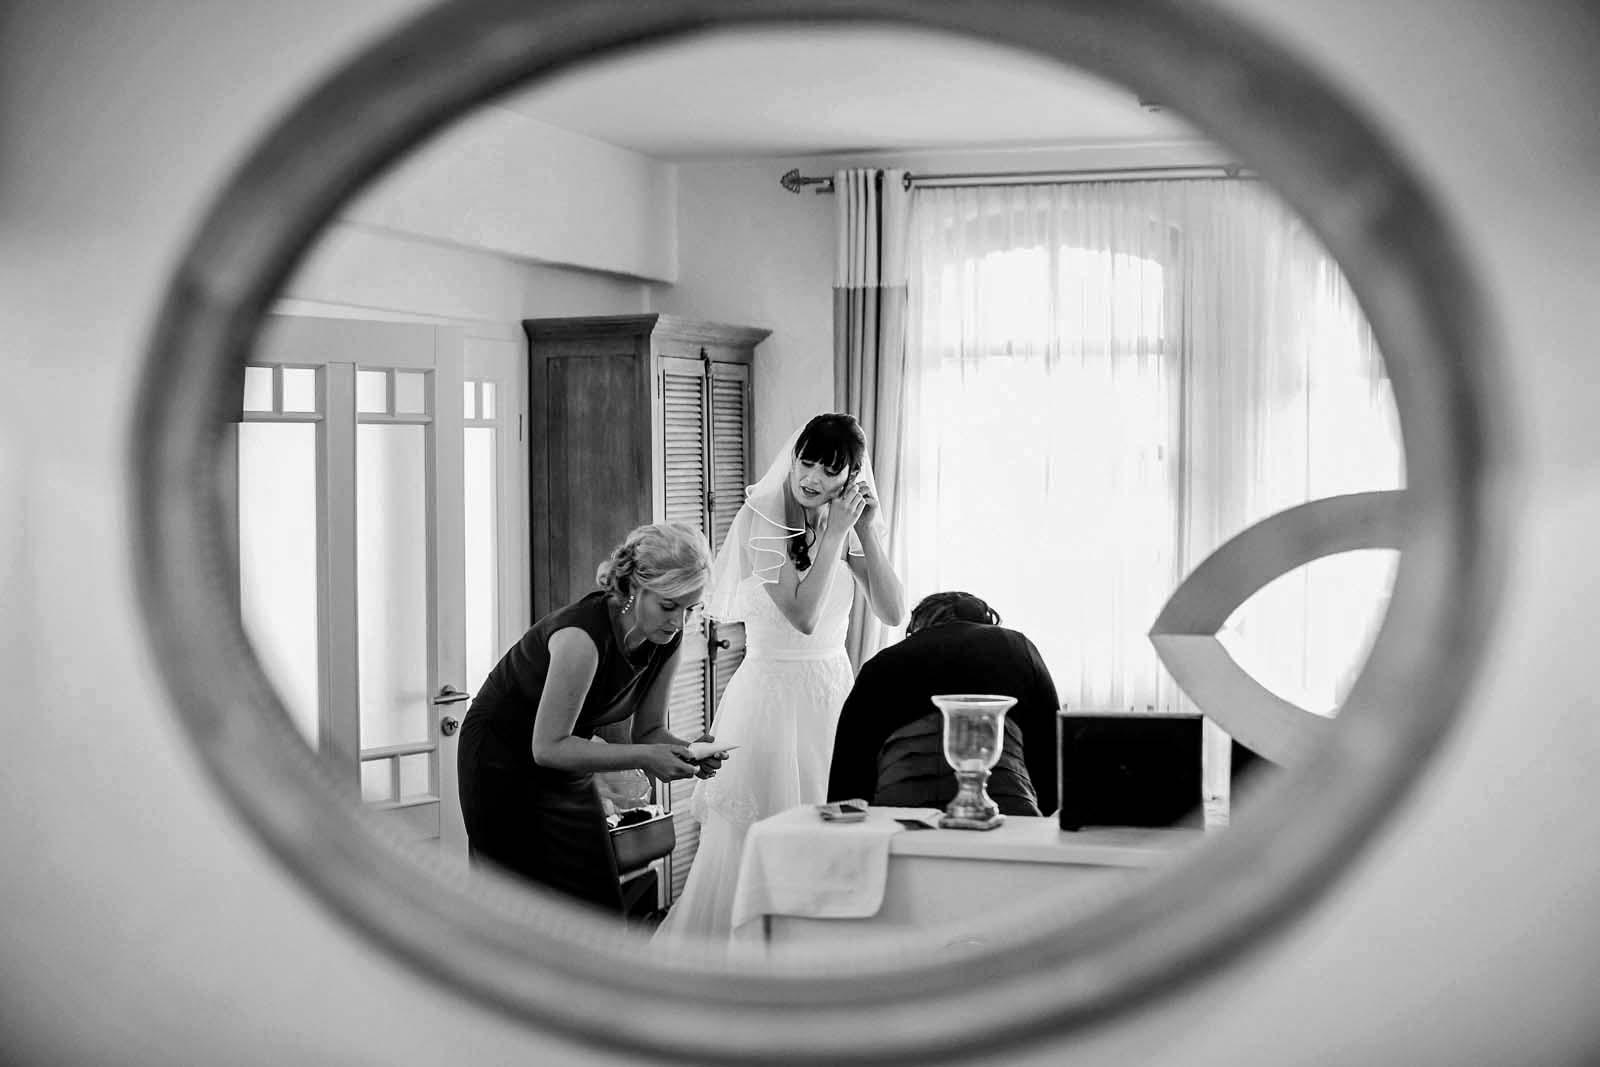 Foto vom Hochzeitsfotograf Berlin zeigt Braut bei den Vorbereitungen Copyright by Hochzeitsfotograf www.berliner-hochzeitsfotografie.de